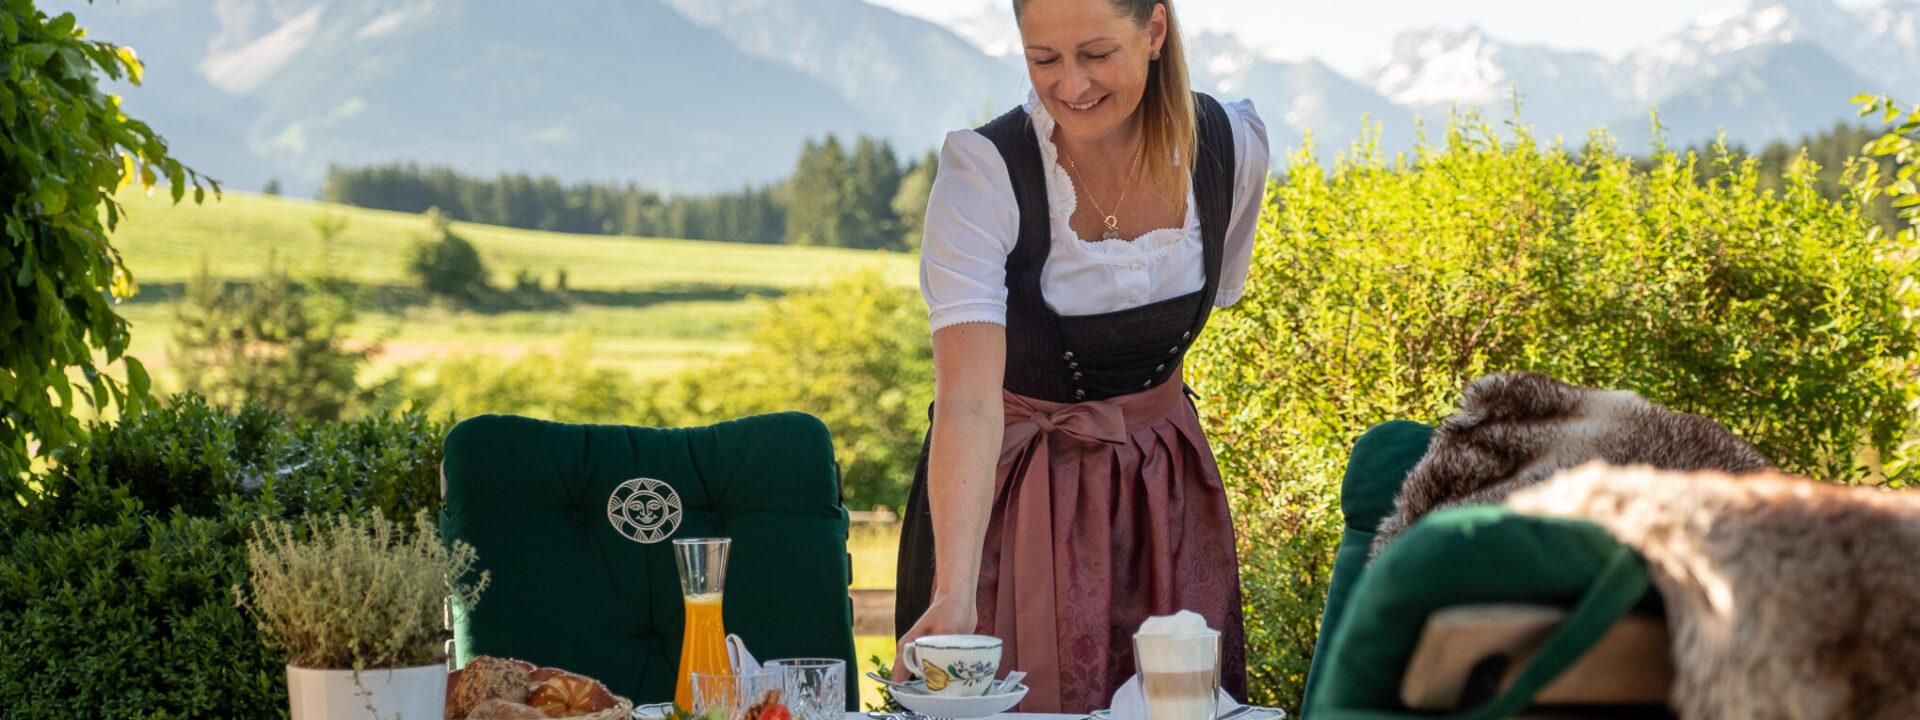 Sonnenalp Resort Frühstück Service